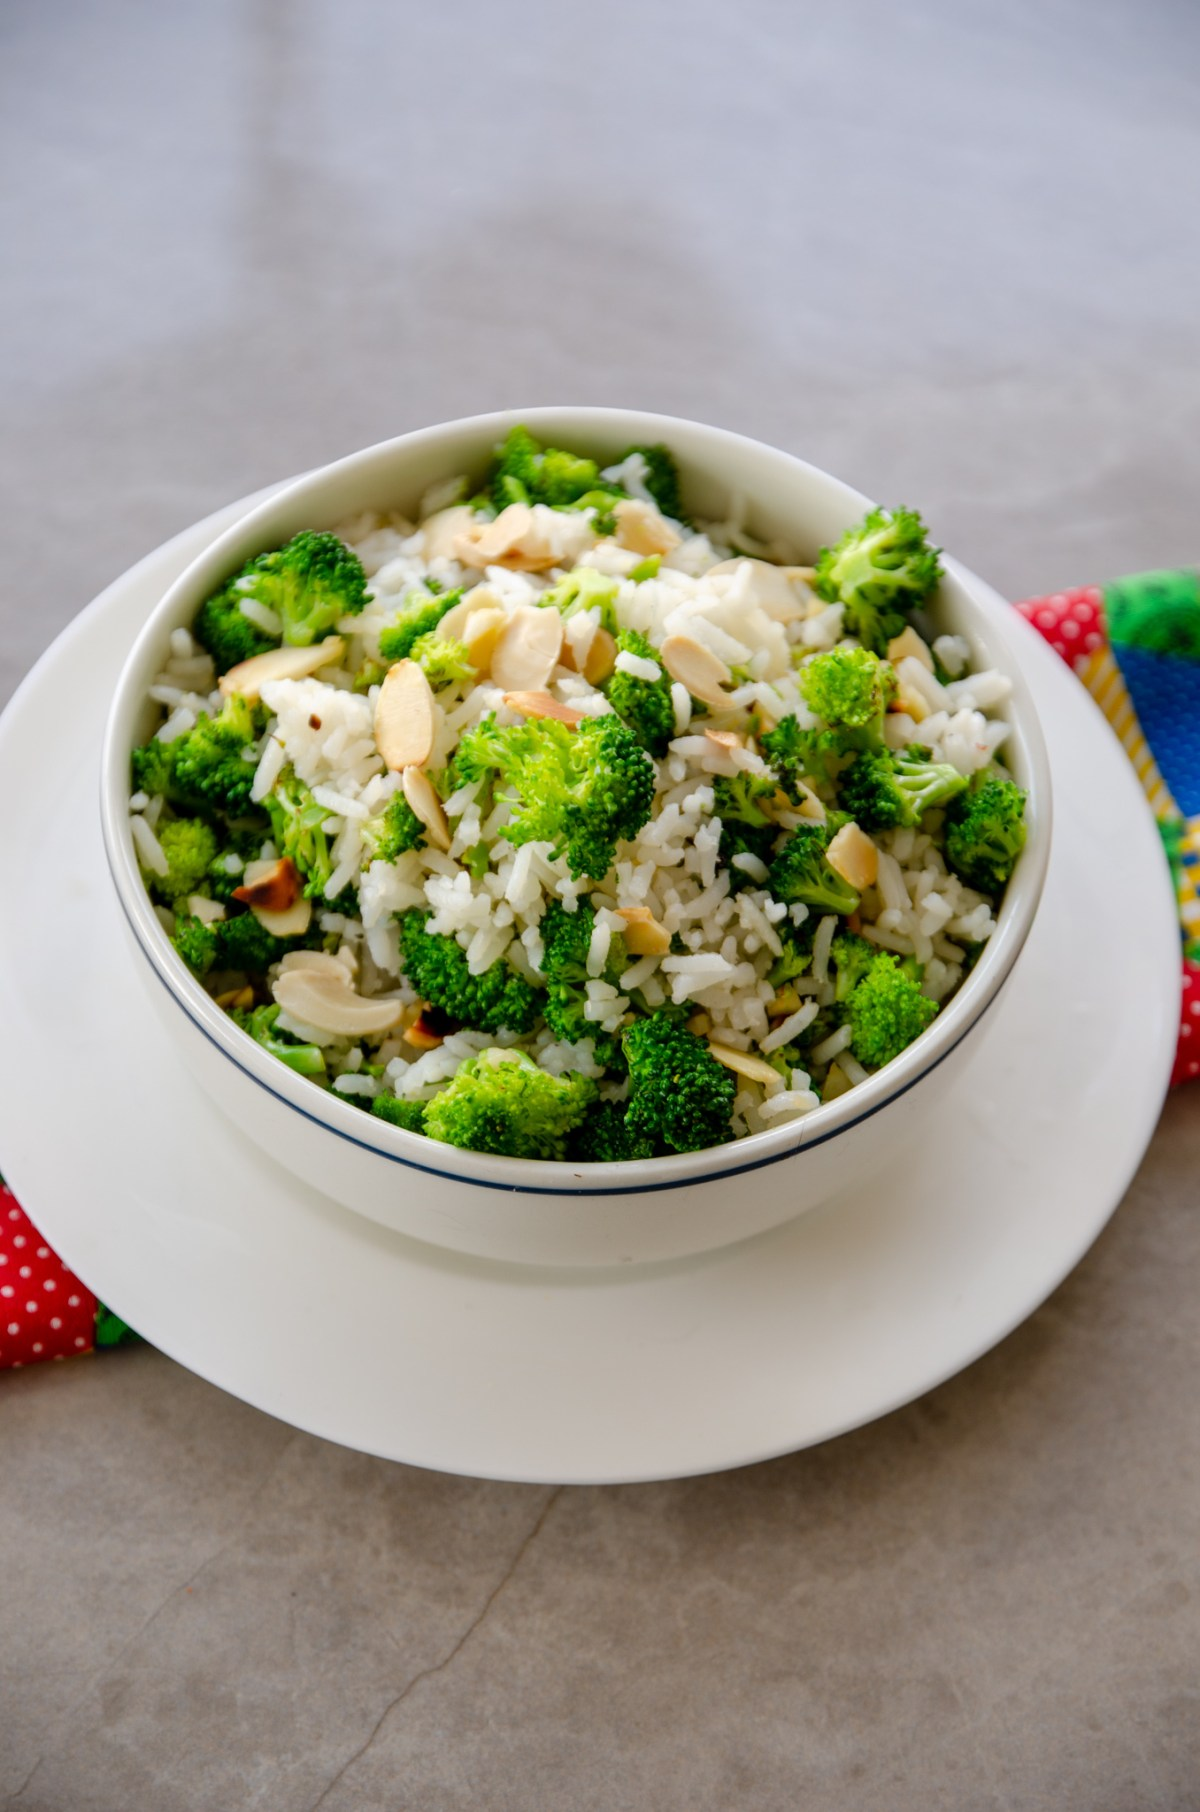 arroz com brocolis e amendoas